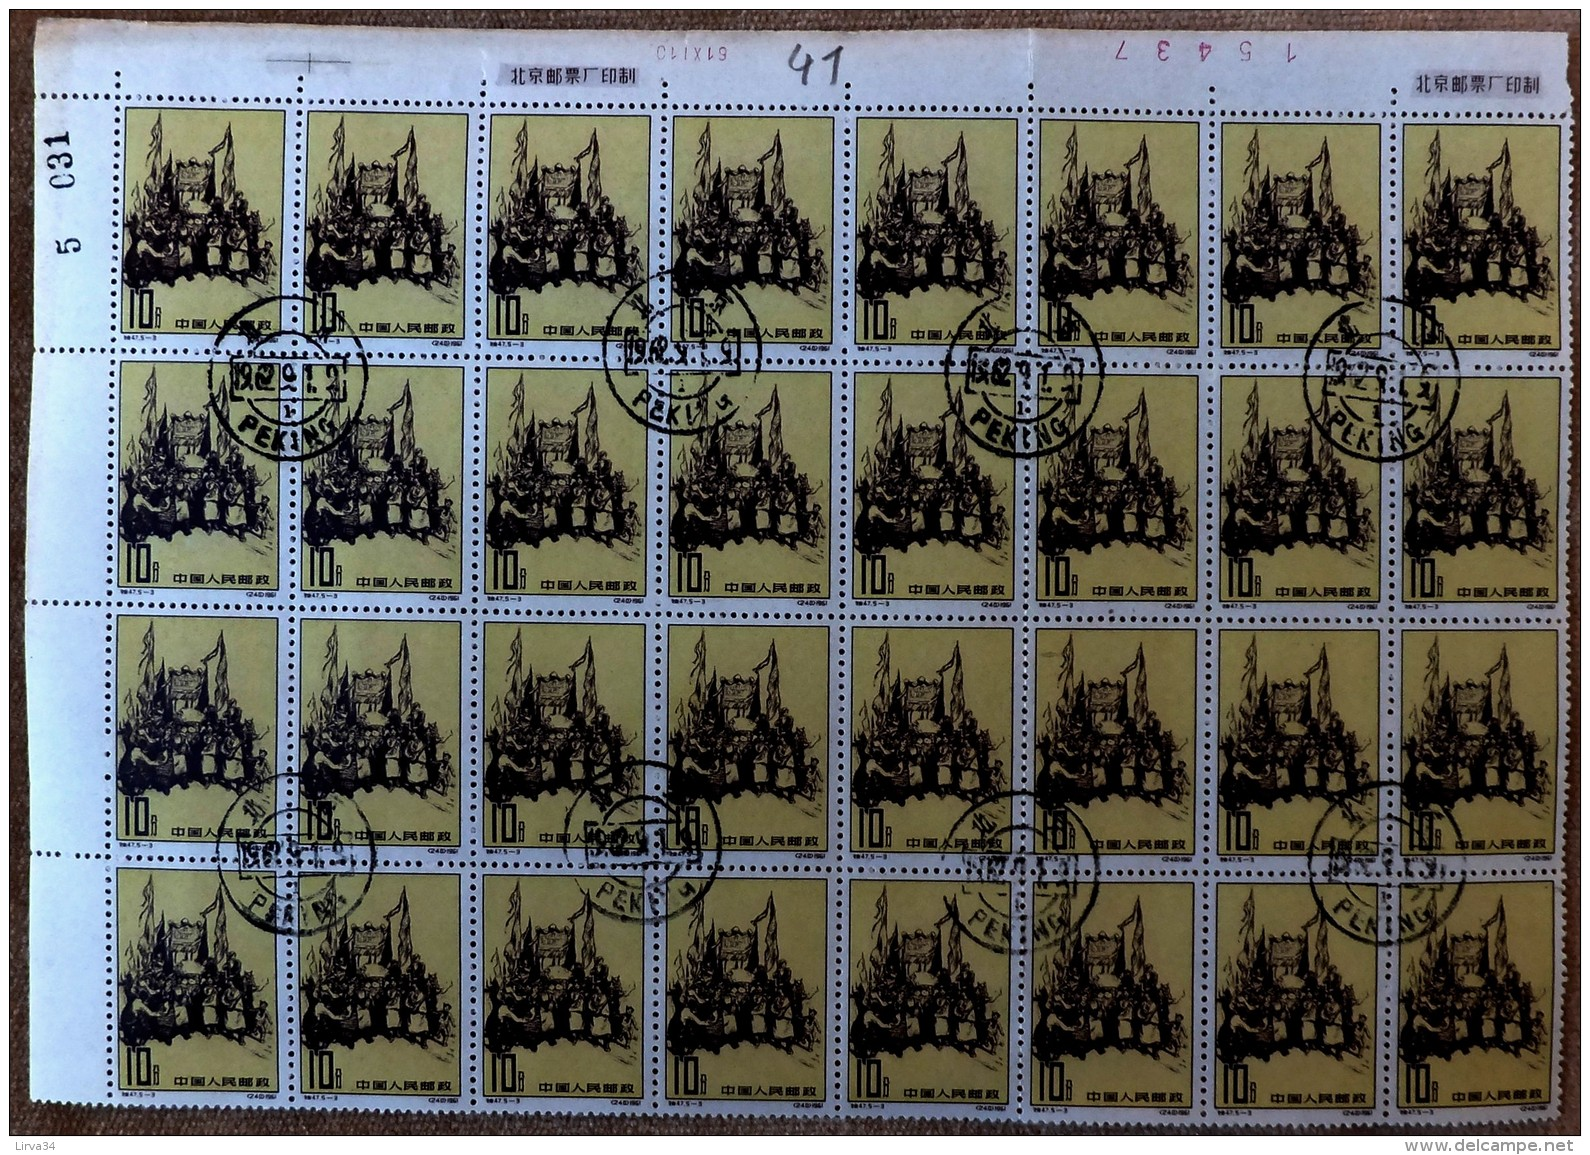 CHINA- FEUILLET   32 TIMBRES  DENTELÉS OBLITÉRÉS  N° 1376- BORDURE  AVEC MARQUE ET NUMERO - Gebraucht